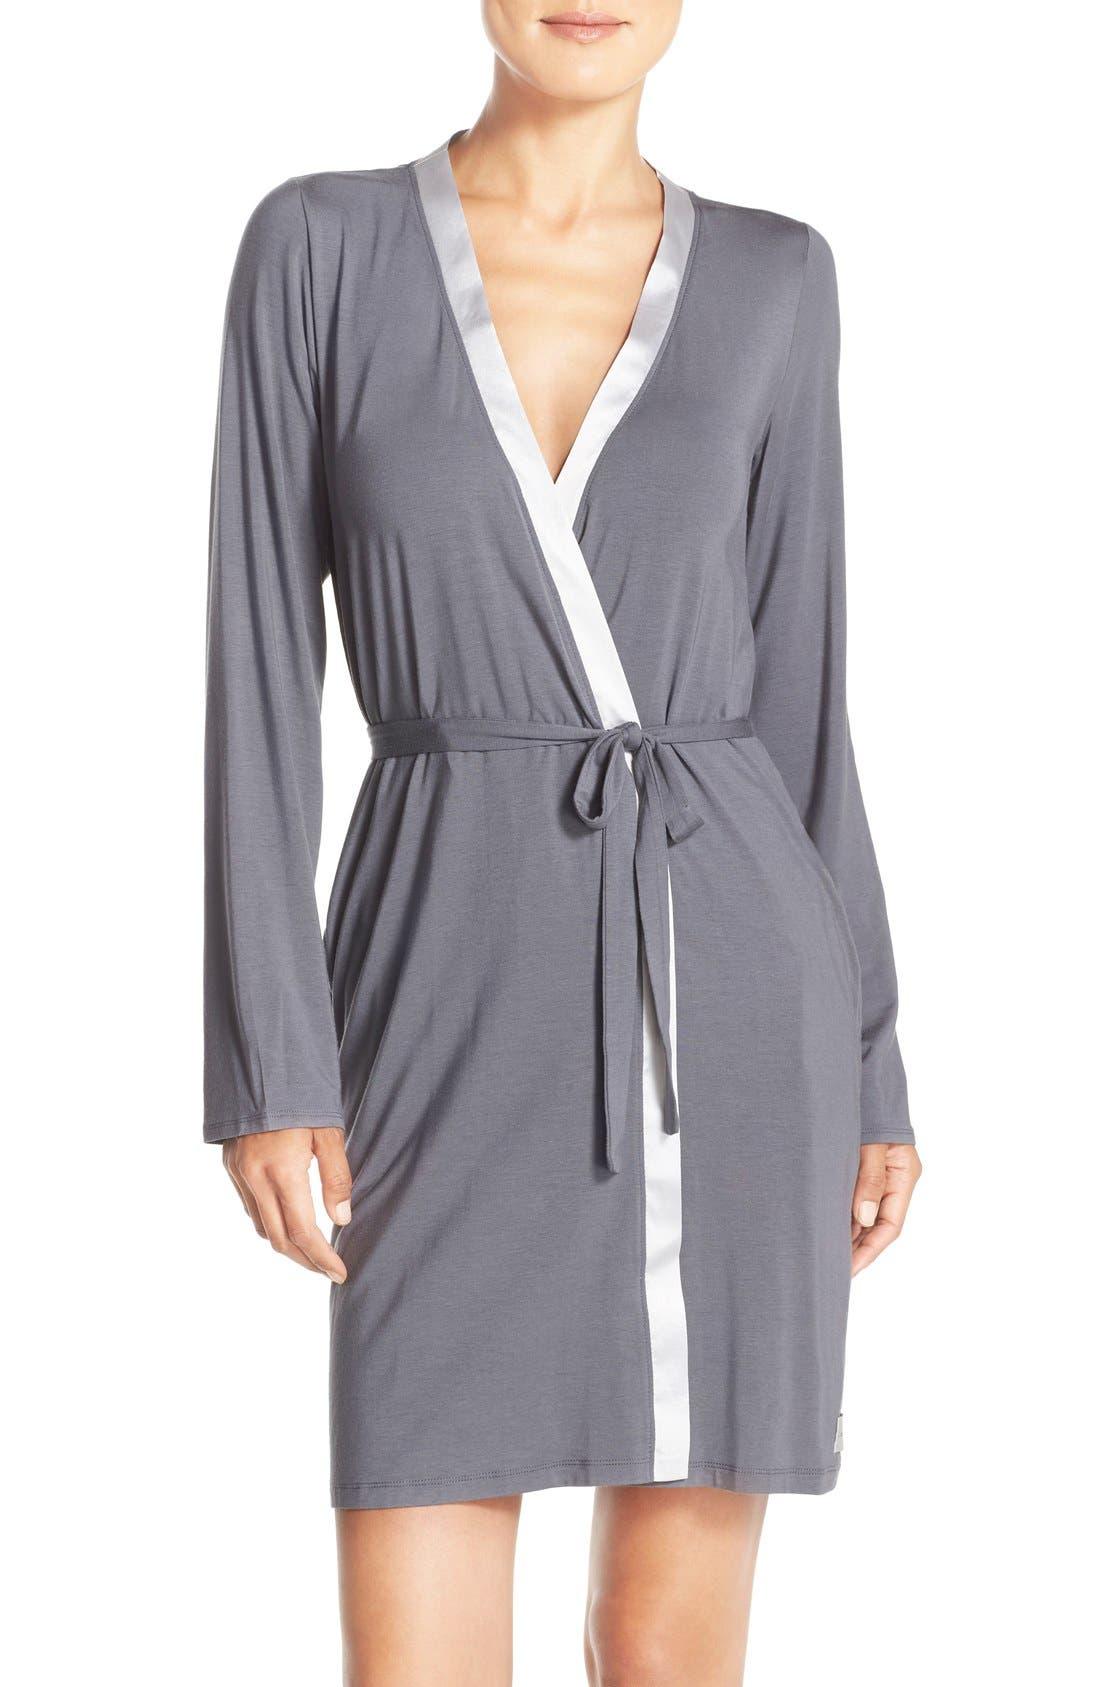 Main Image - Calvin Klein 'Essentials' Short Robe